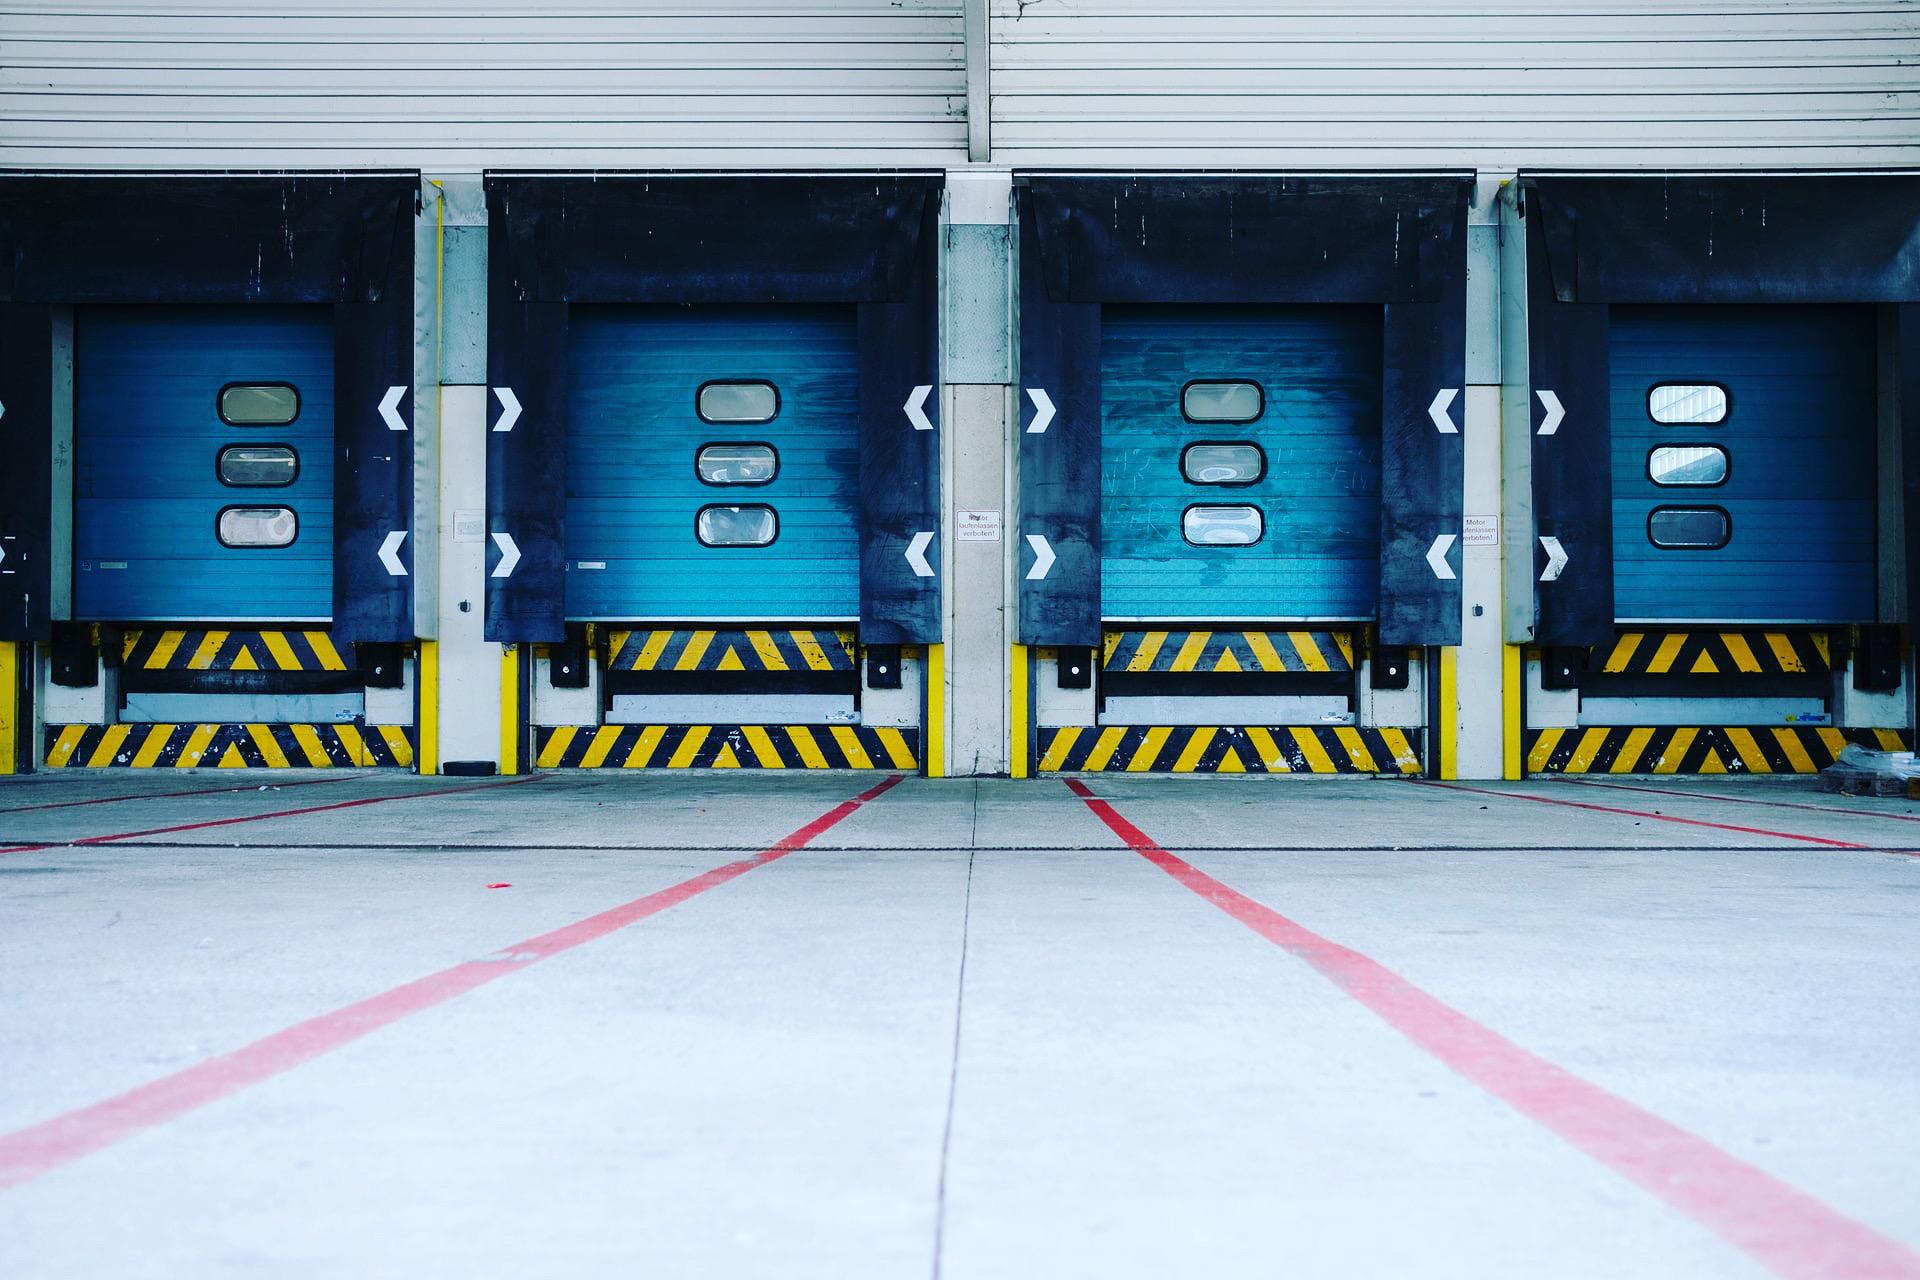 Le secteur britannique de l'industrie et de la logistique enregistre un record d'activité et d'investissements au premier semestre